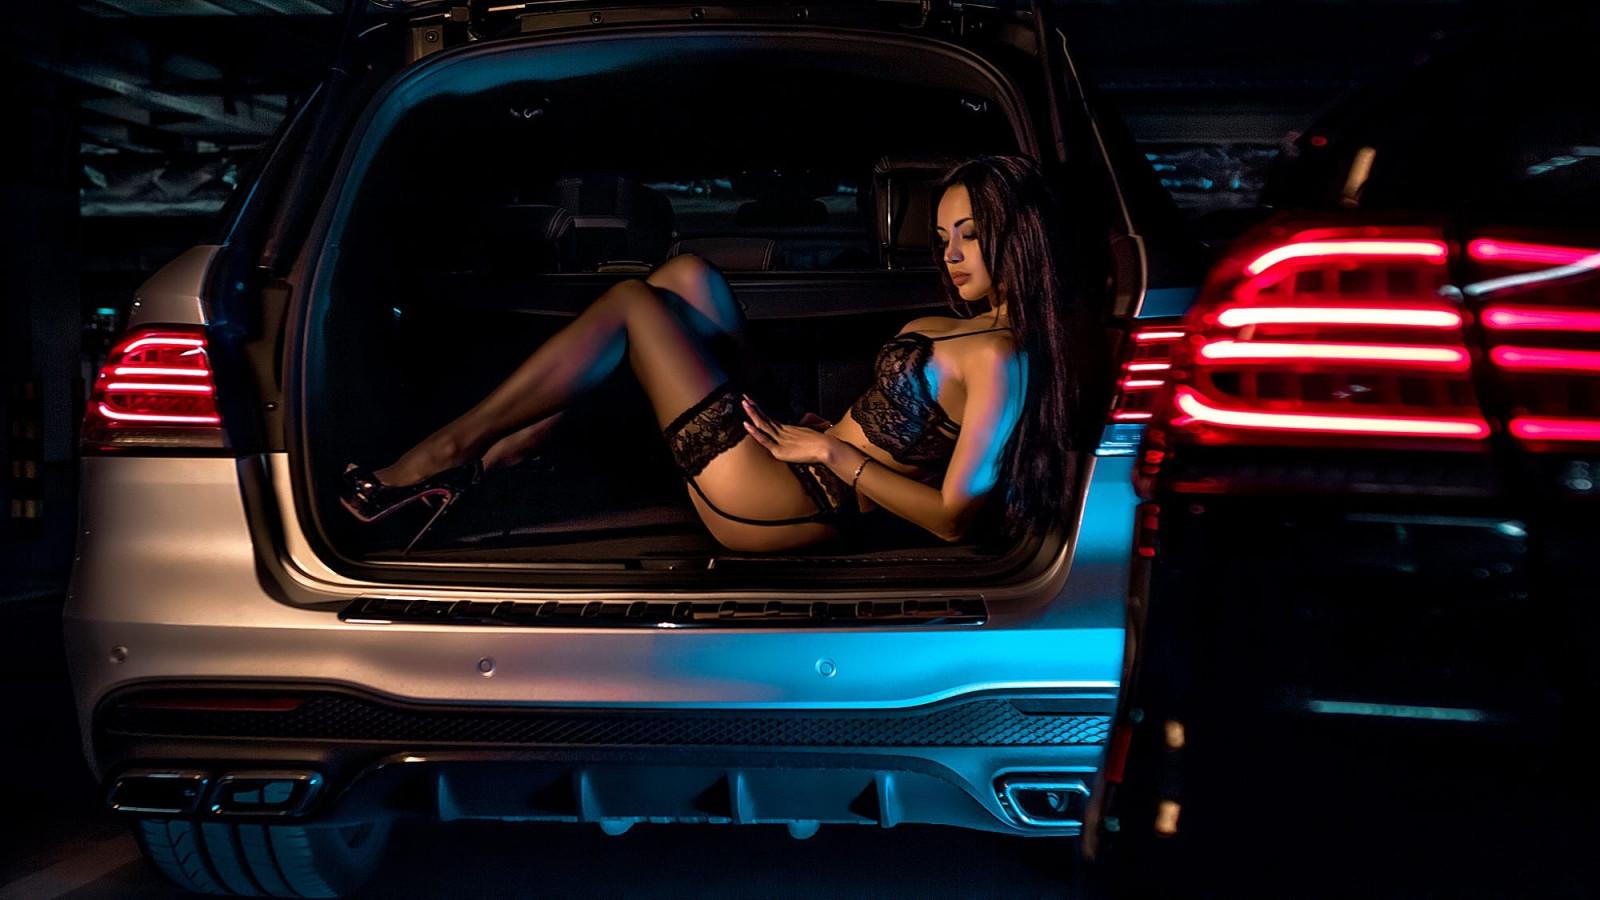 porno-video-hd-hd-hd-v-avtomobile